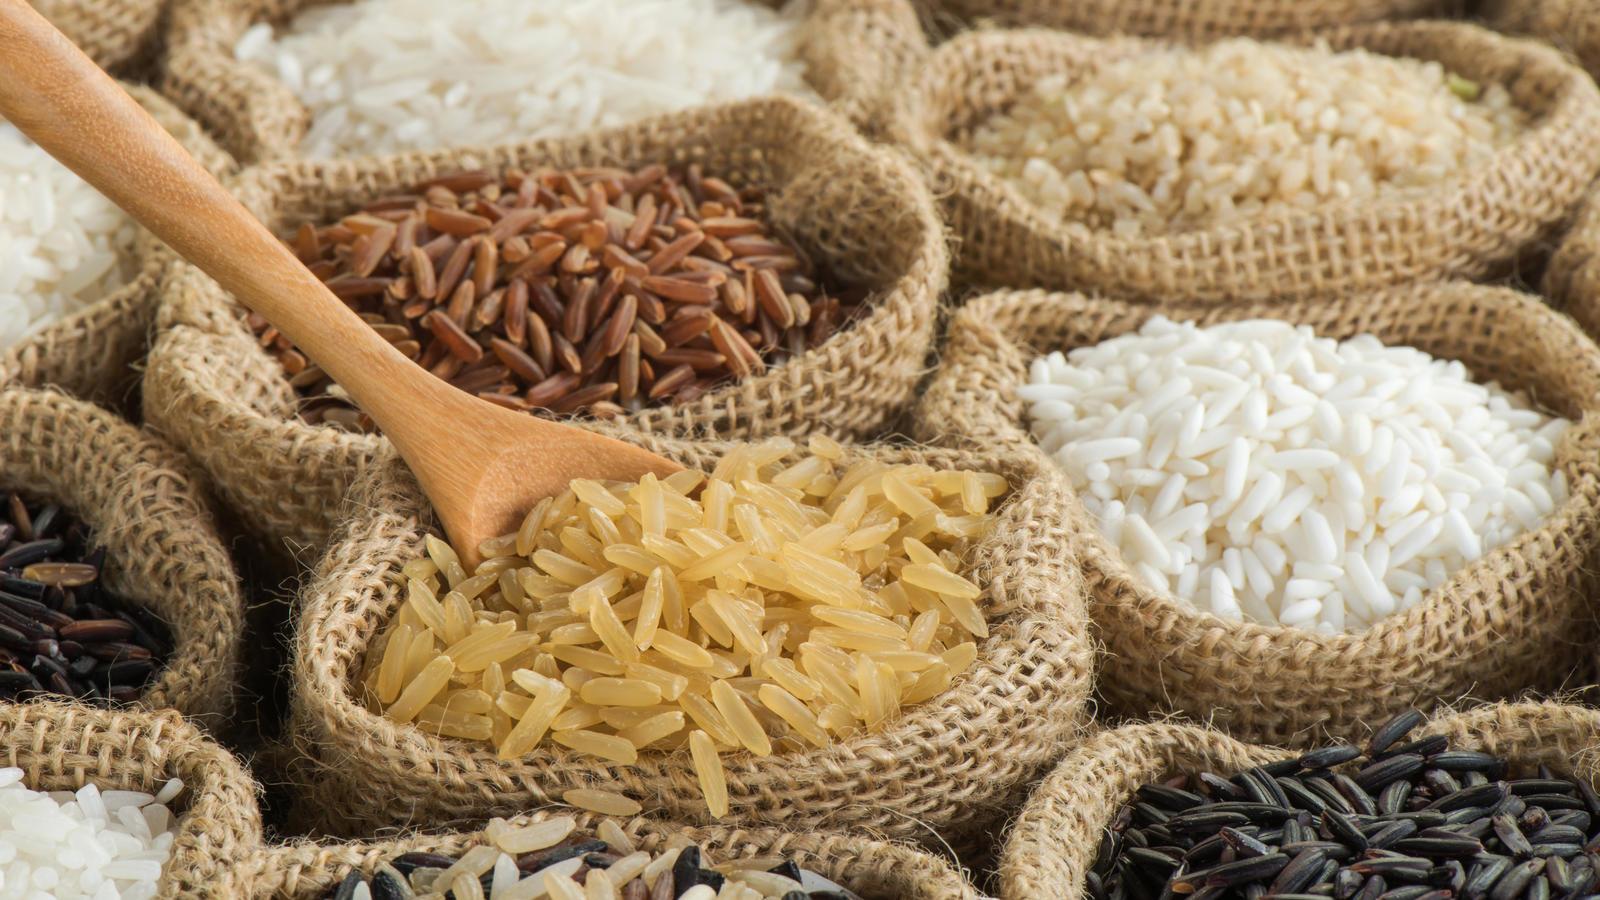 Öko-Test nimmt Reis unter die Lupe. Diese Sorte hat im Reistest am besten abgeschnitten.